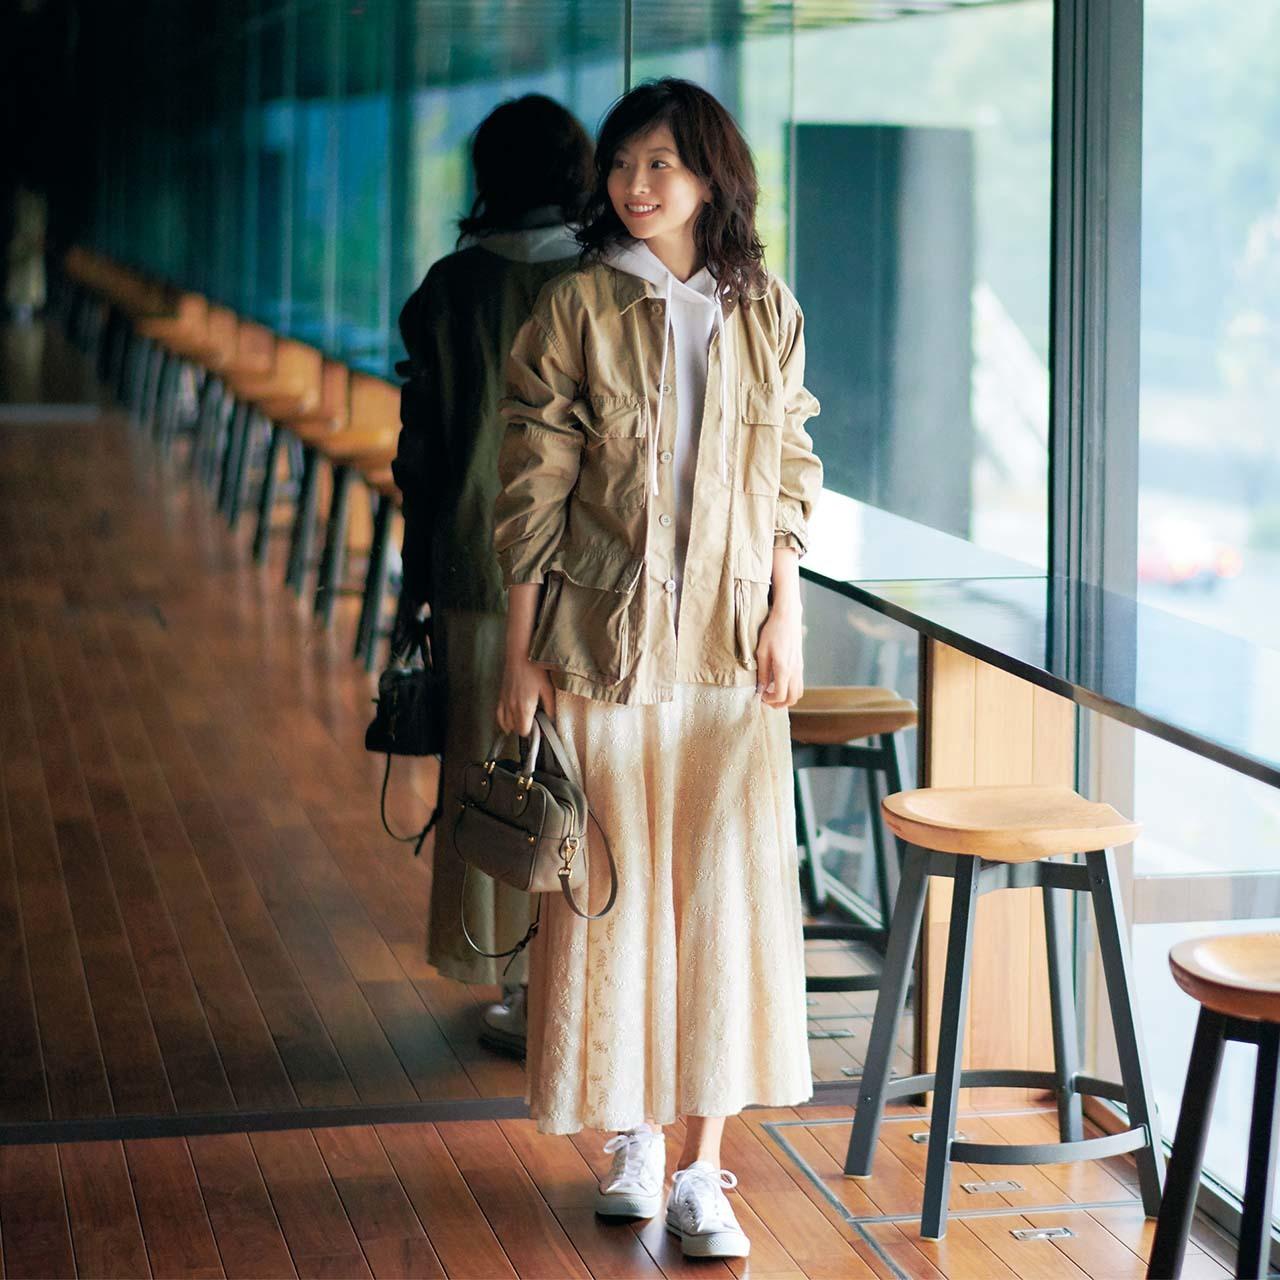 ミリタリージャケット×パーカ×レースのスカートコーデを着たモデルの五明祐子さん